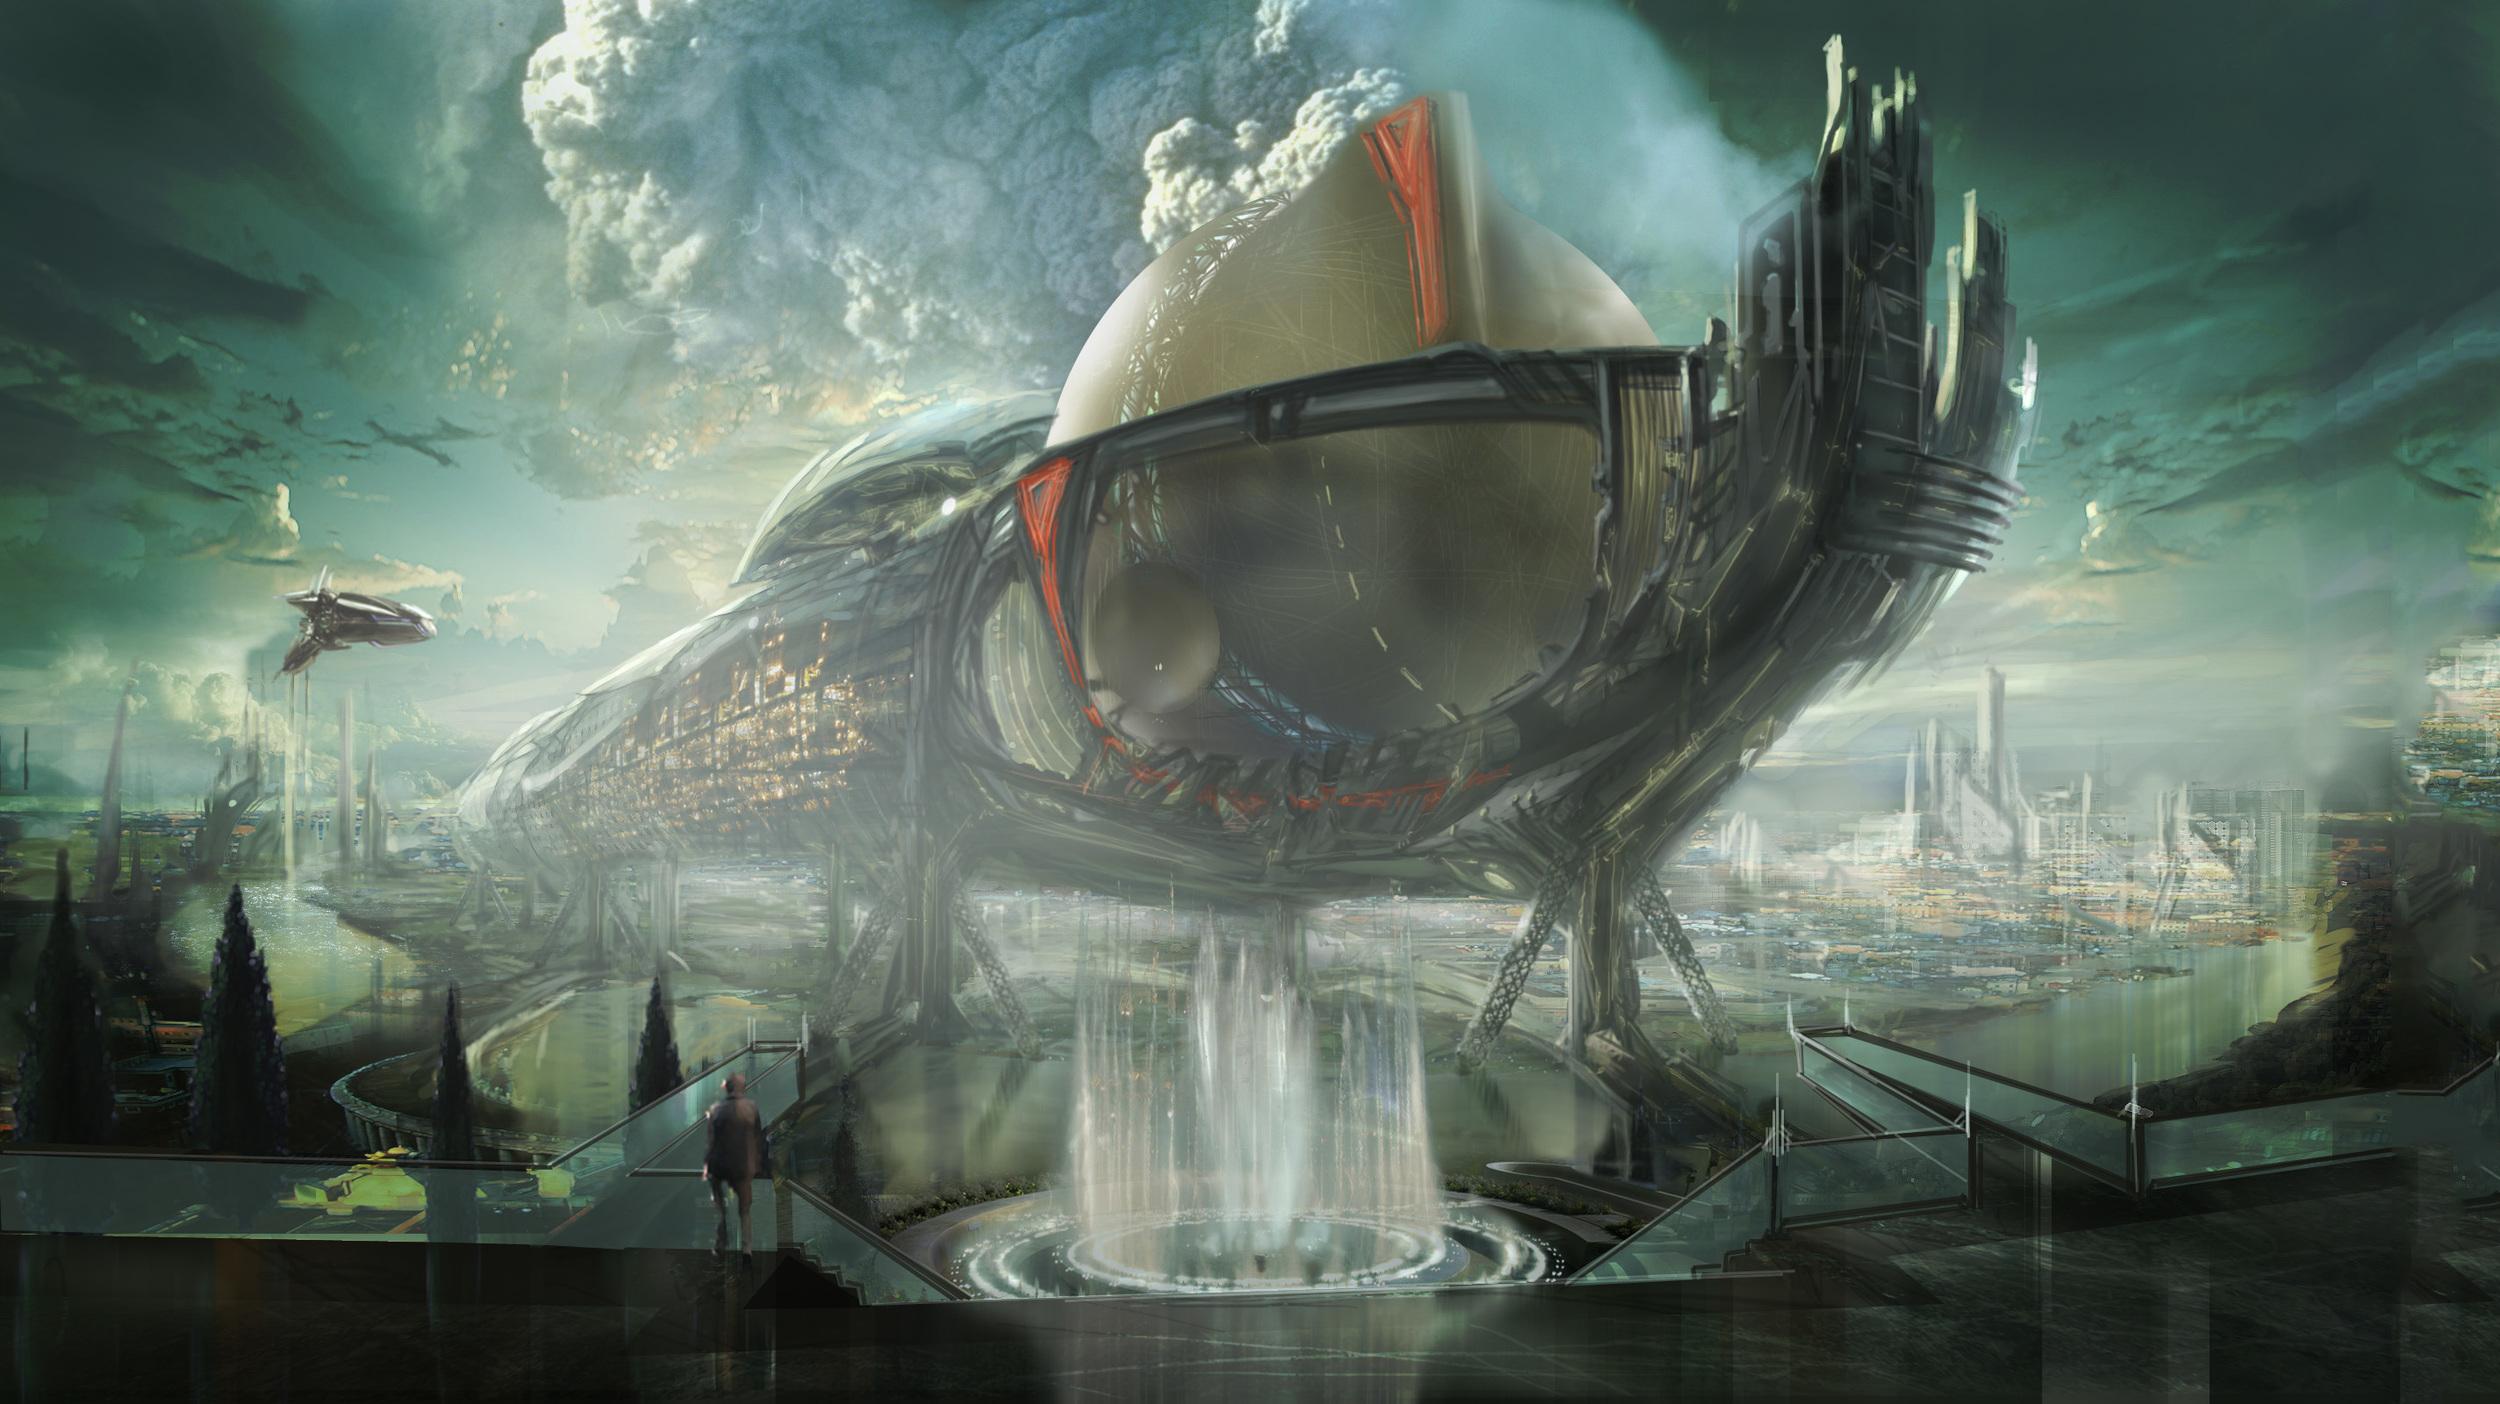 Utopic City